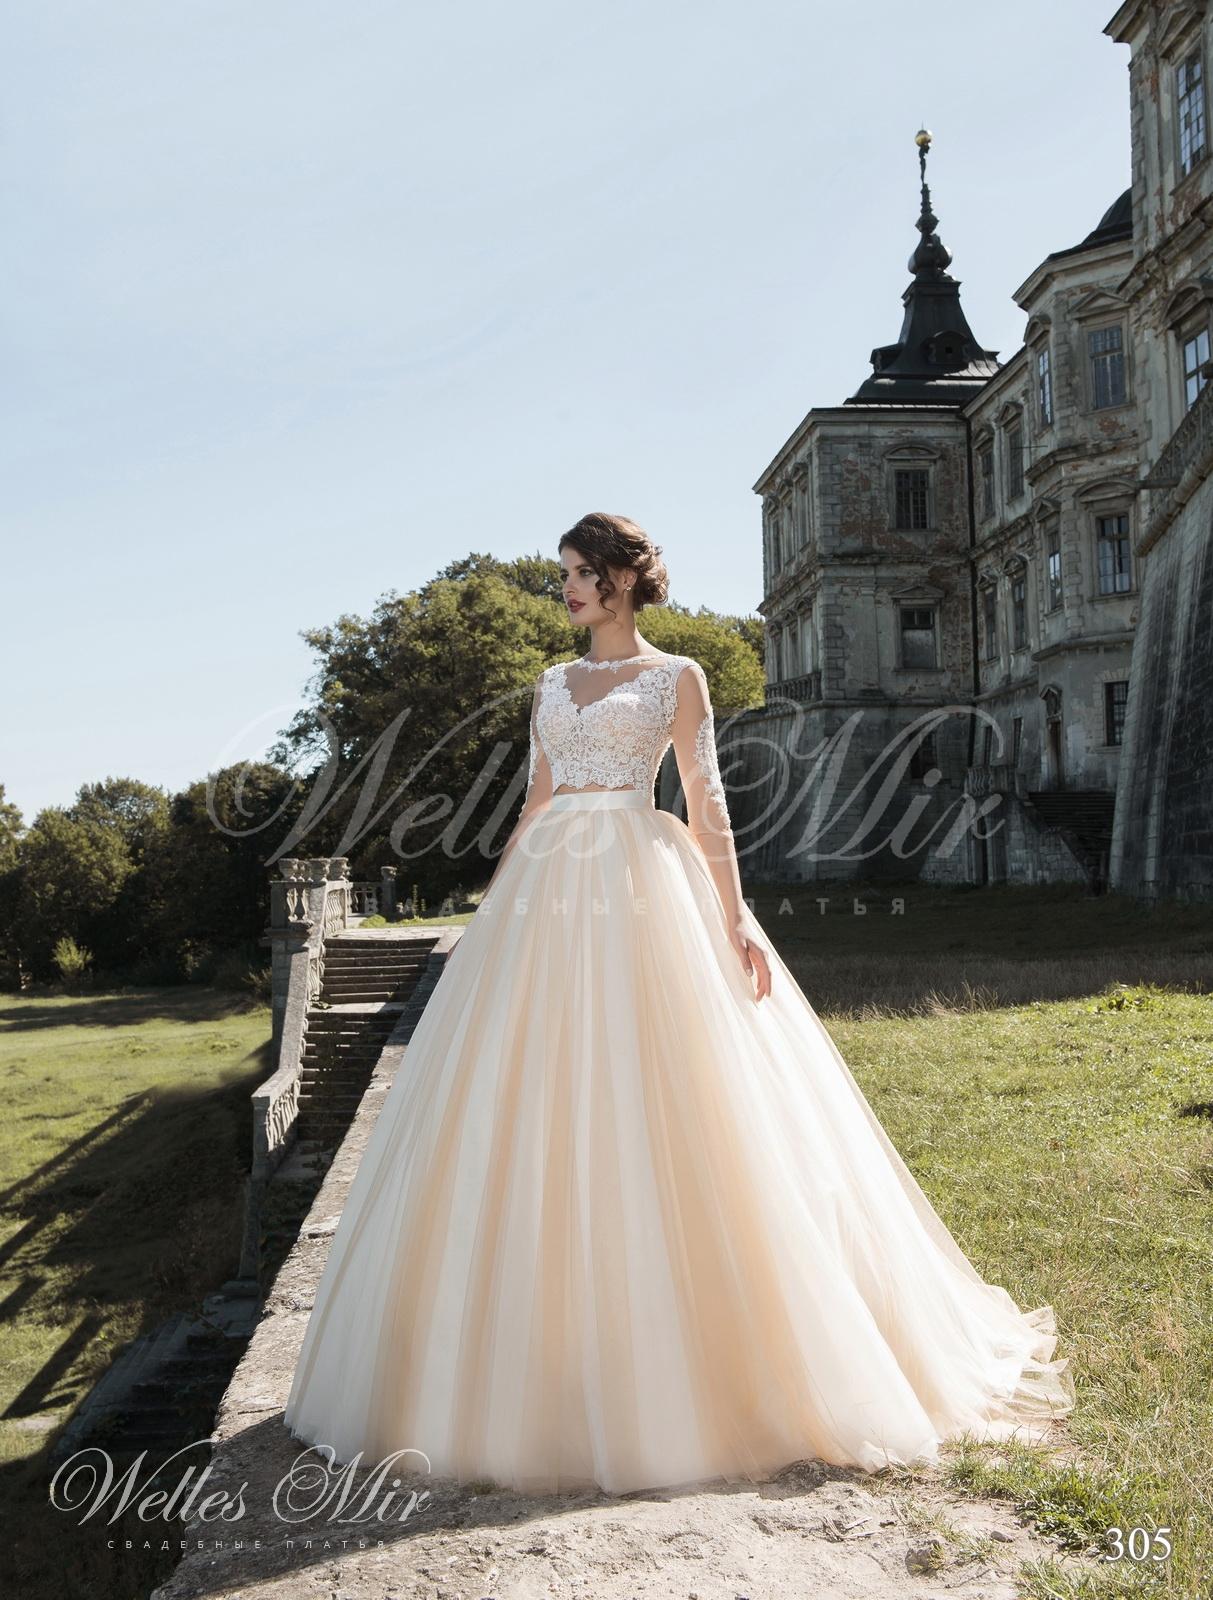 Свадебные платья Exquisite Collection - 305